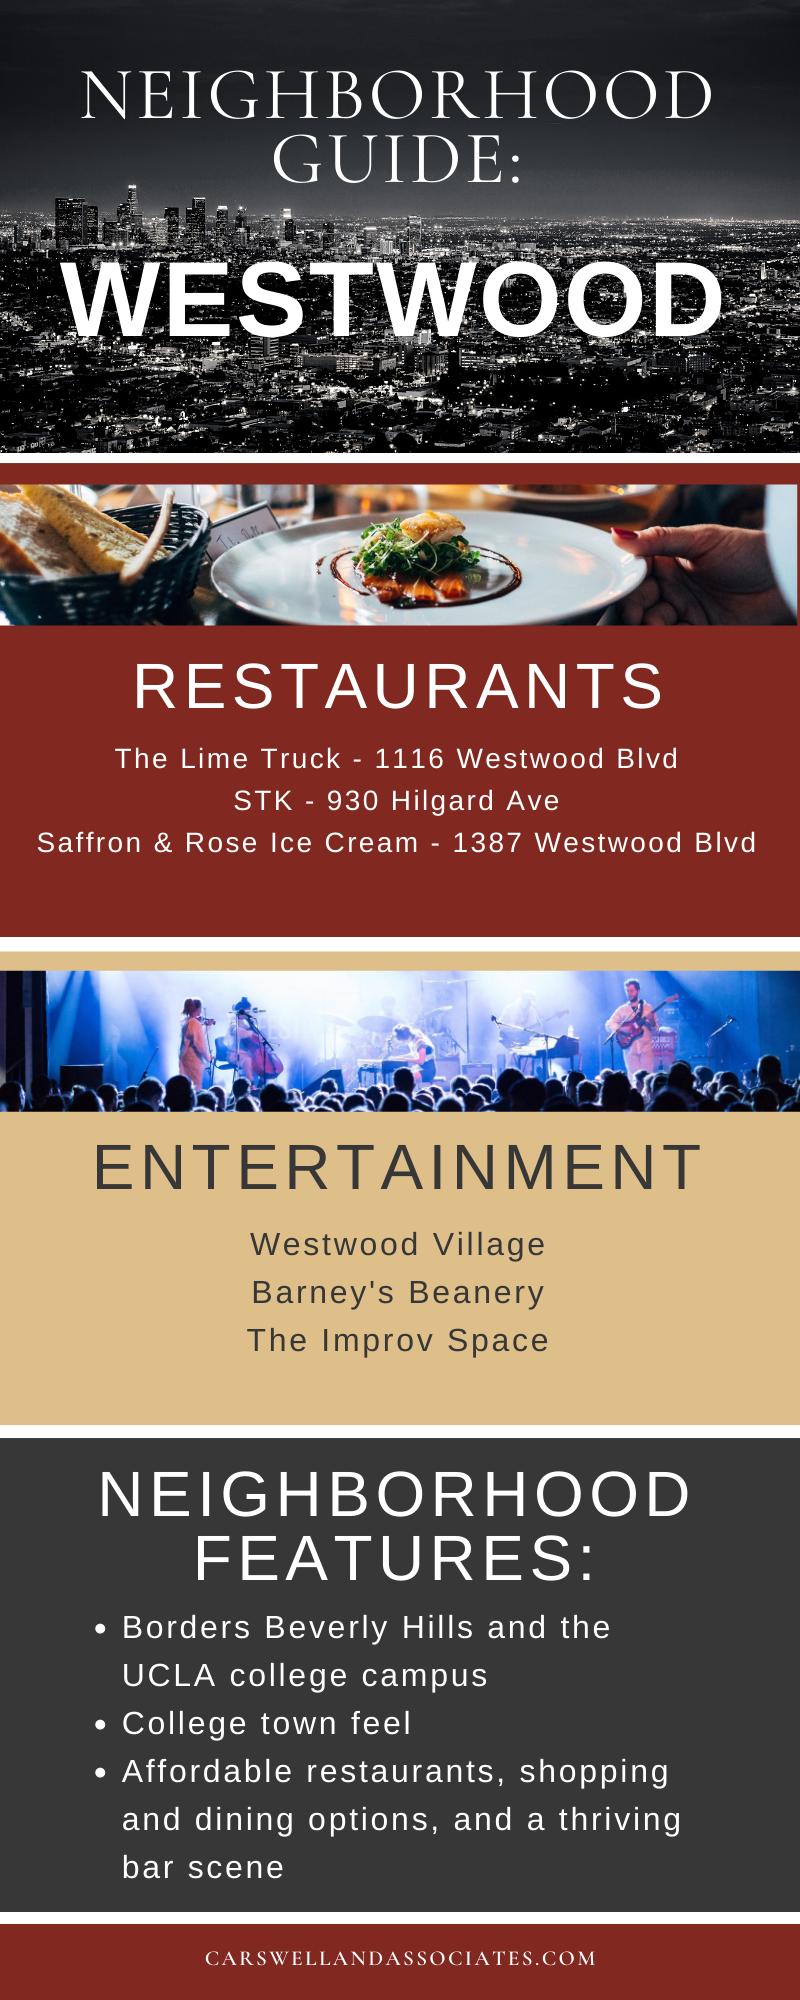 Neighborhood Guide for Westwood, Los Angeles